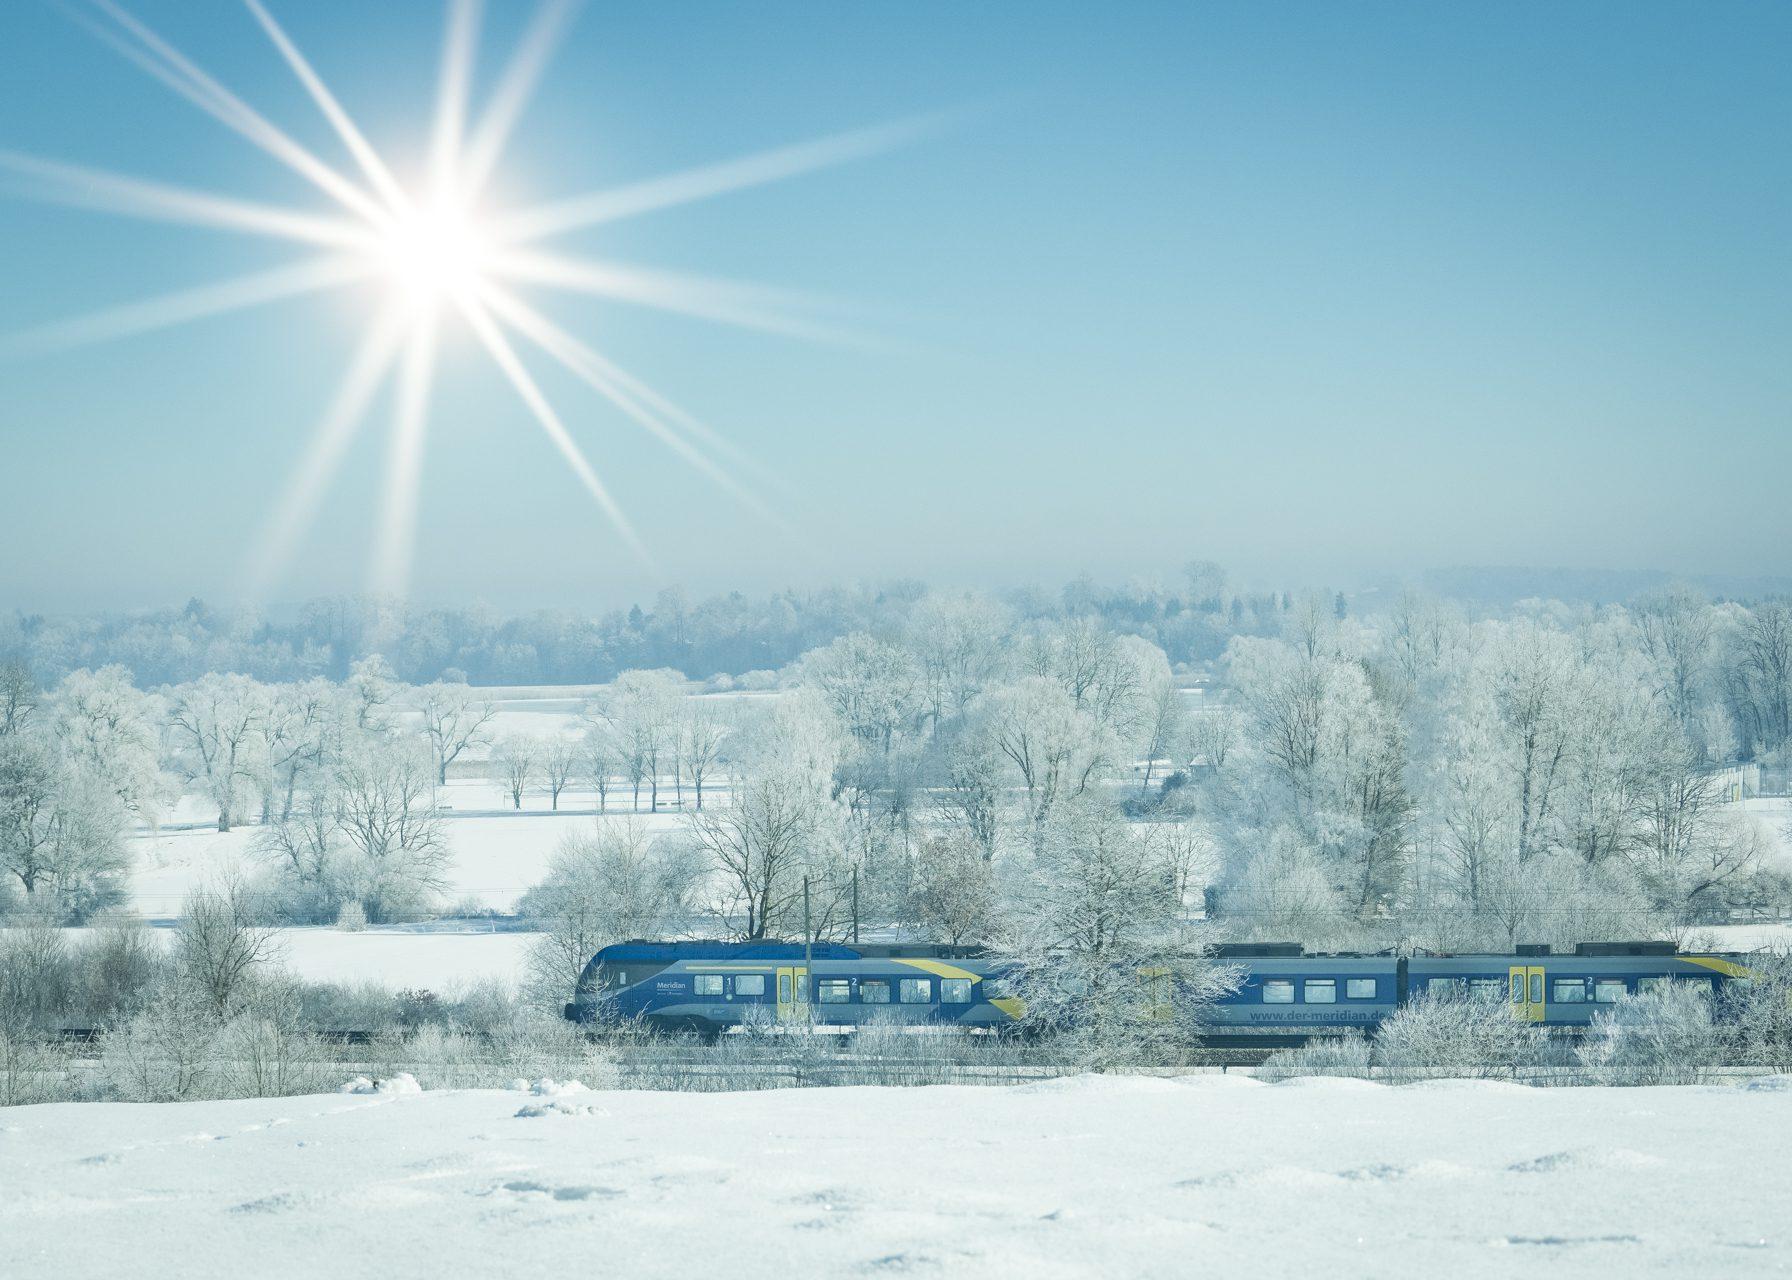 Zug-222226